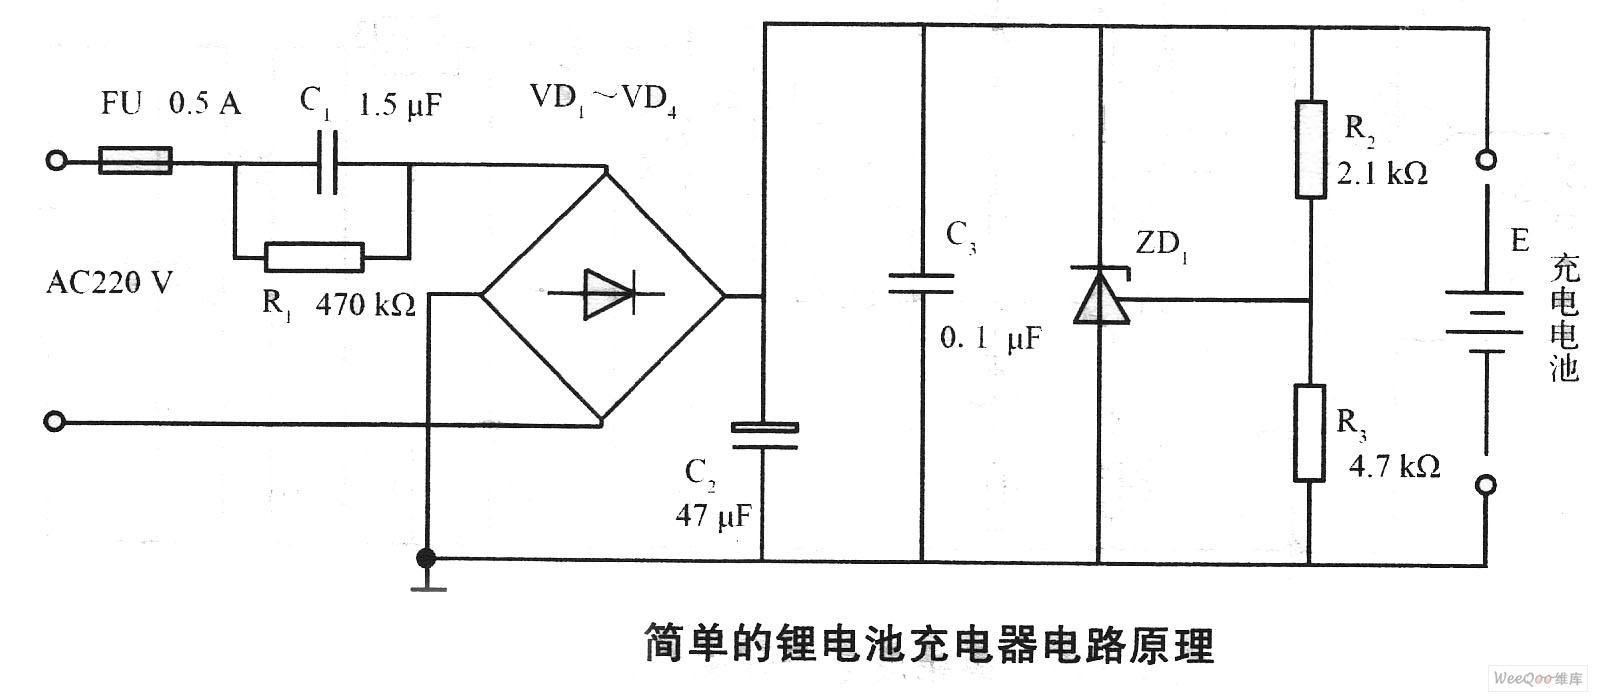 如图为简单的锂电池充电器电路原理。220 V交流电压经过电容C1降压、二极管VD1~VD4整流、电容C2滤波后,将充电电流限制在70 mA左右。当电池电压低于4.2 V时,ZD关断,电流全部充入电池。当电池电压升高到4.2 V时,ZD开始导通发挥分流作用。由于充电电流较小,故充电时间较长。电路中,电阻R2和R3的阻值精度要求很高,为l%的误差。 来源: